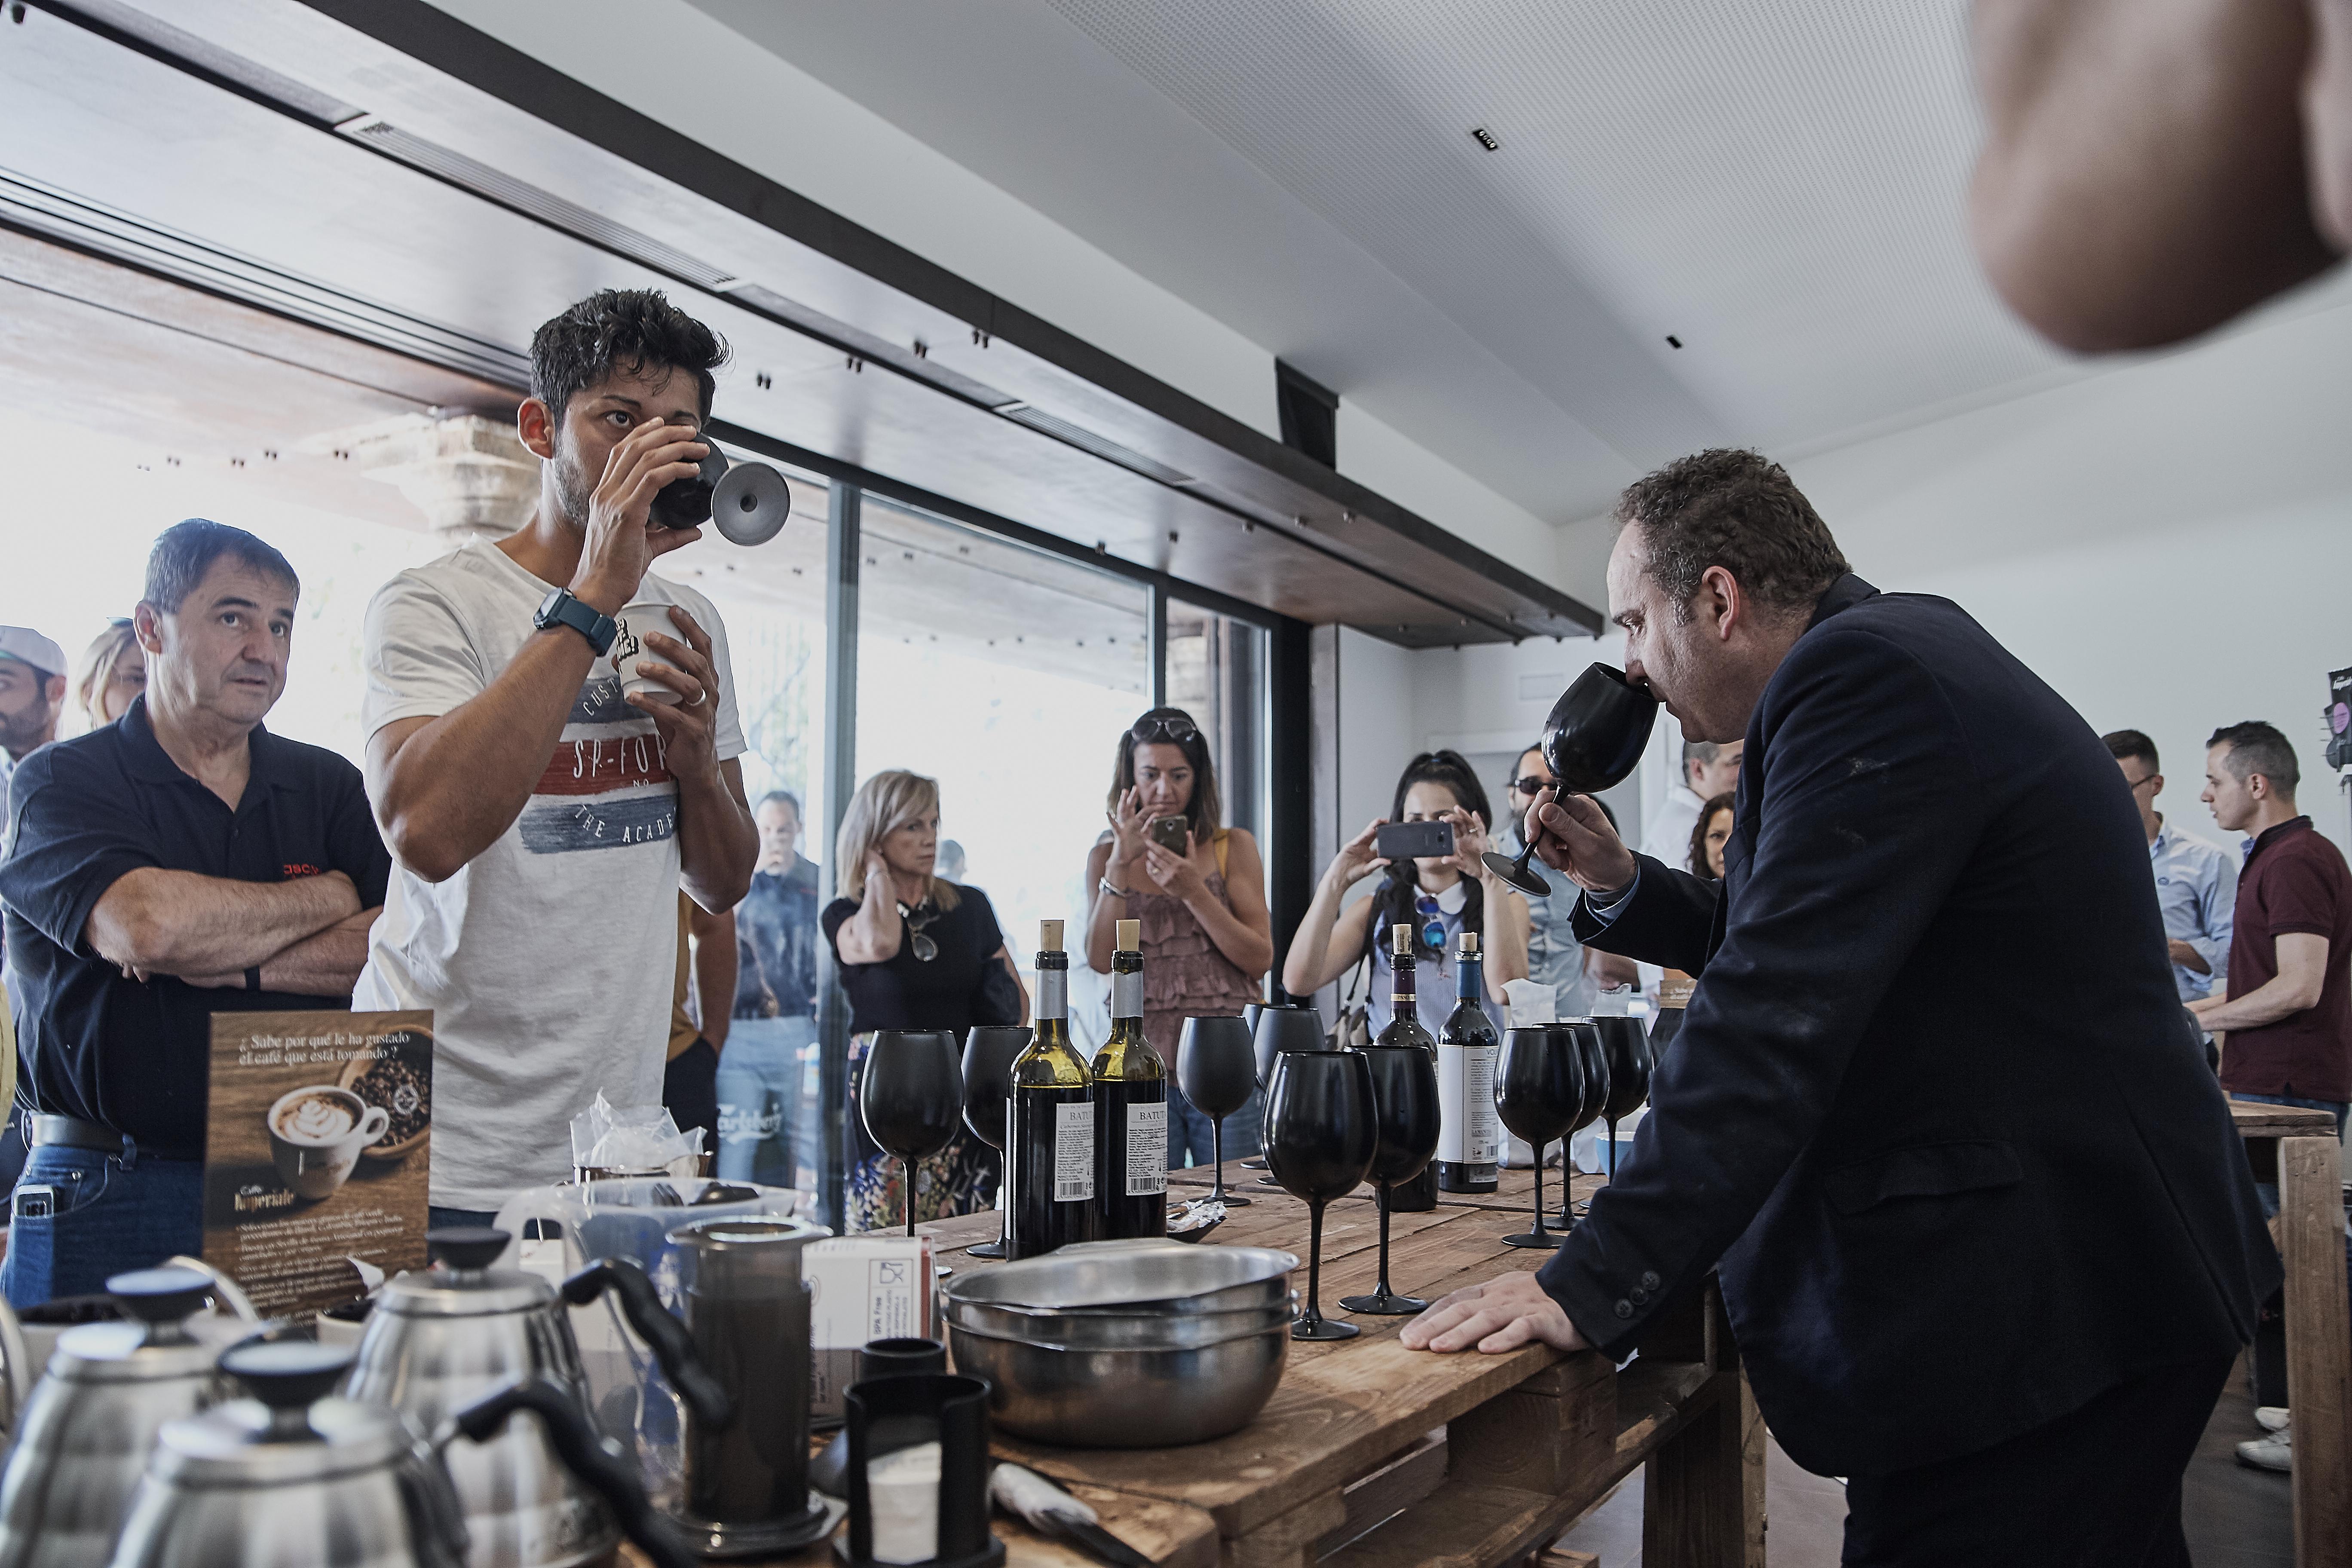 Cata de café- AeroPress 2018